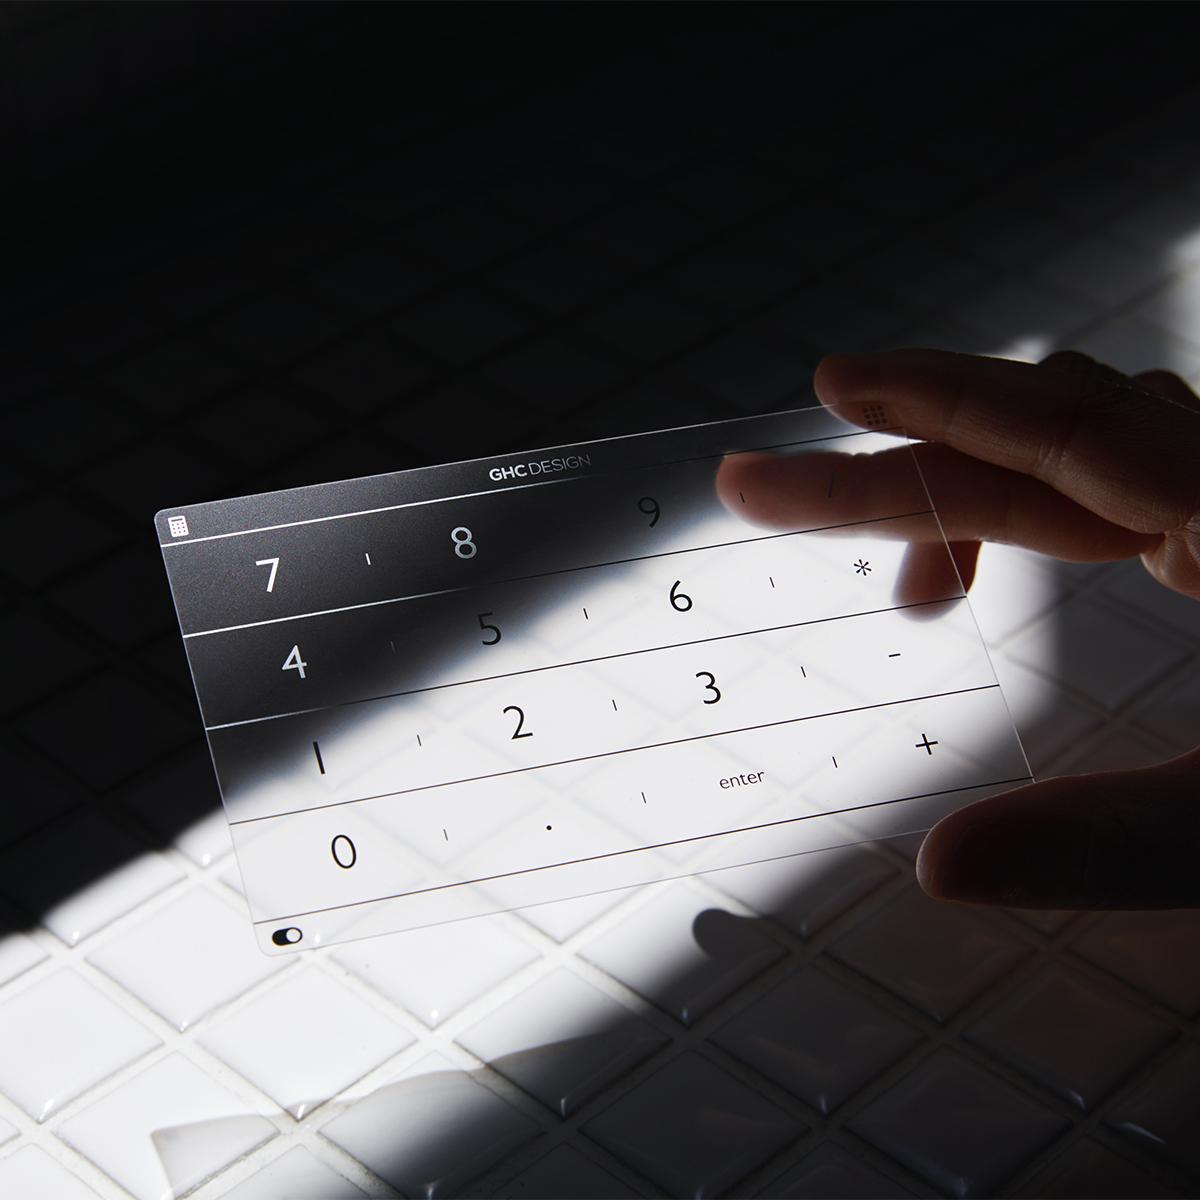 充電不要の「貼るだけテンキー」 | 指1本でいつものページにもすぐ飛べる